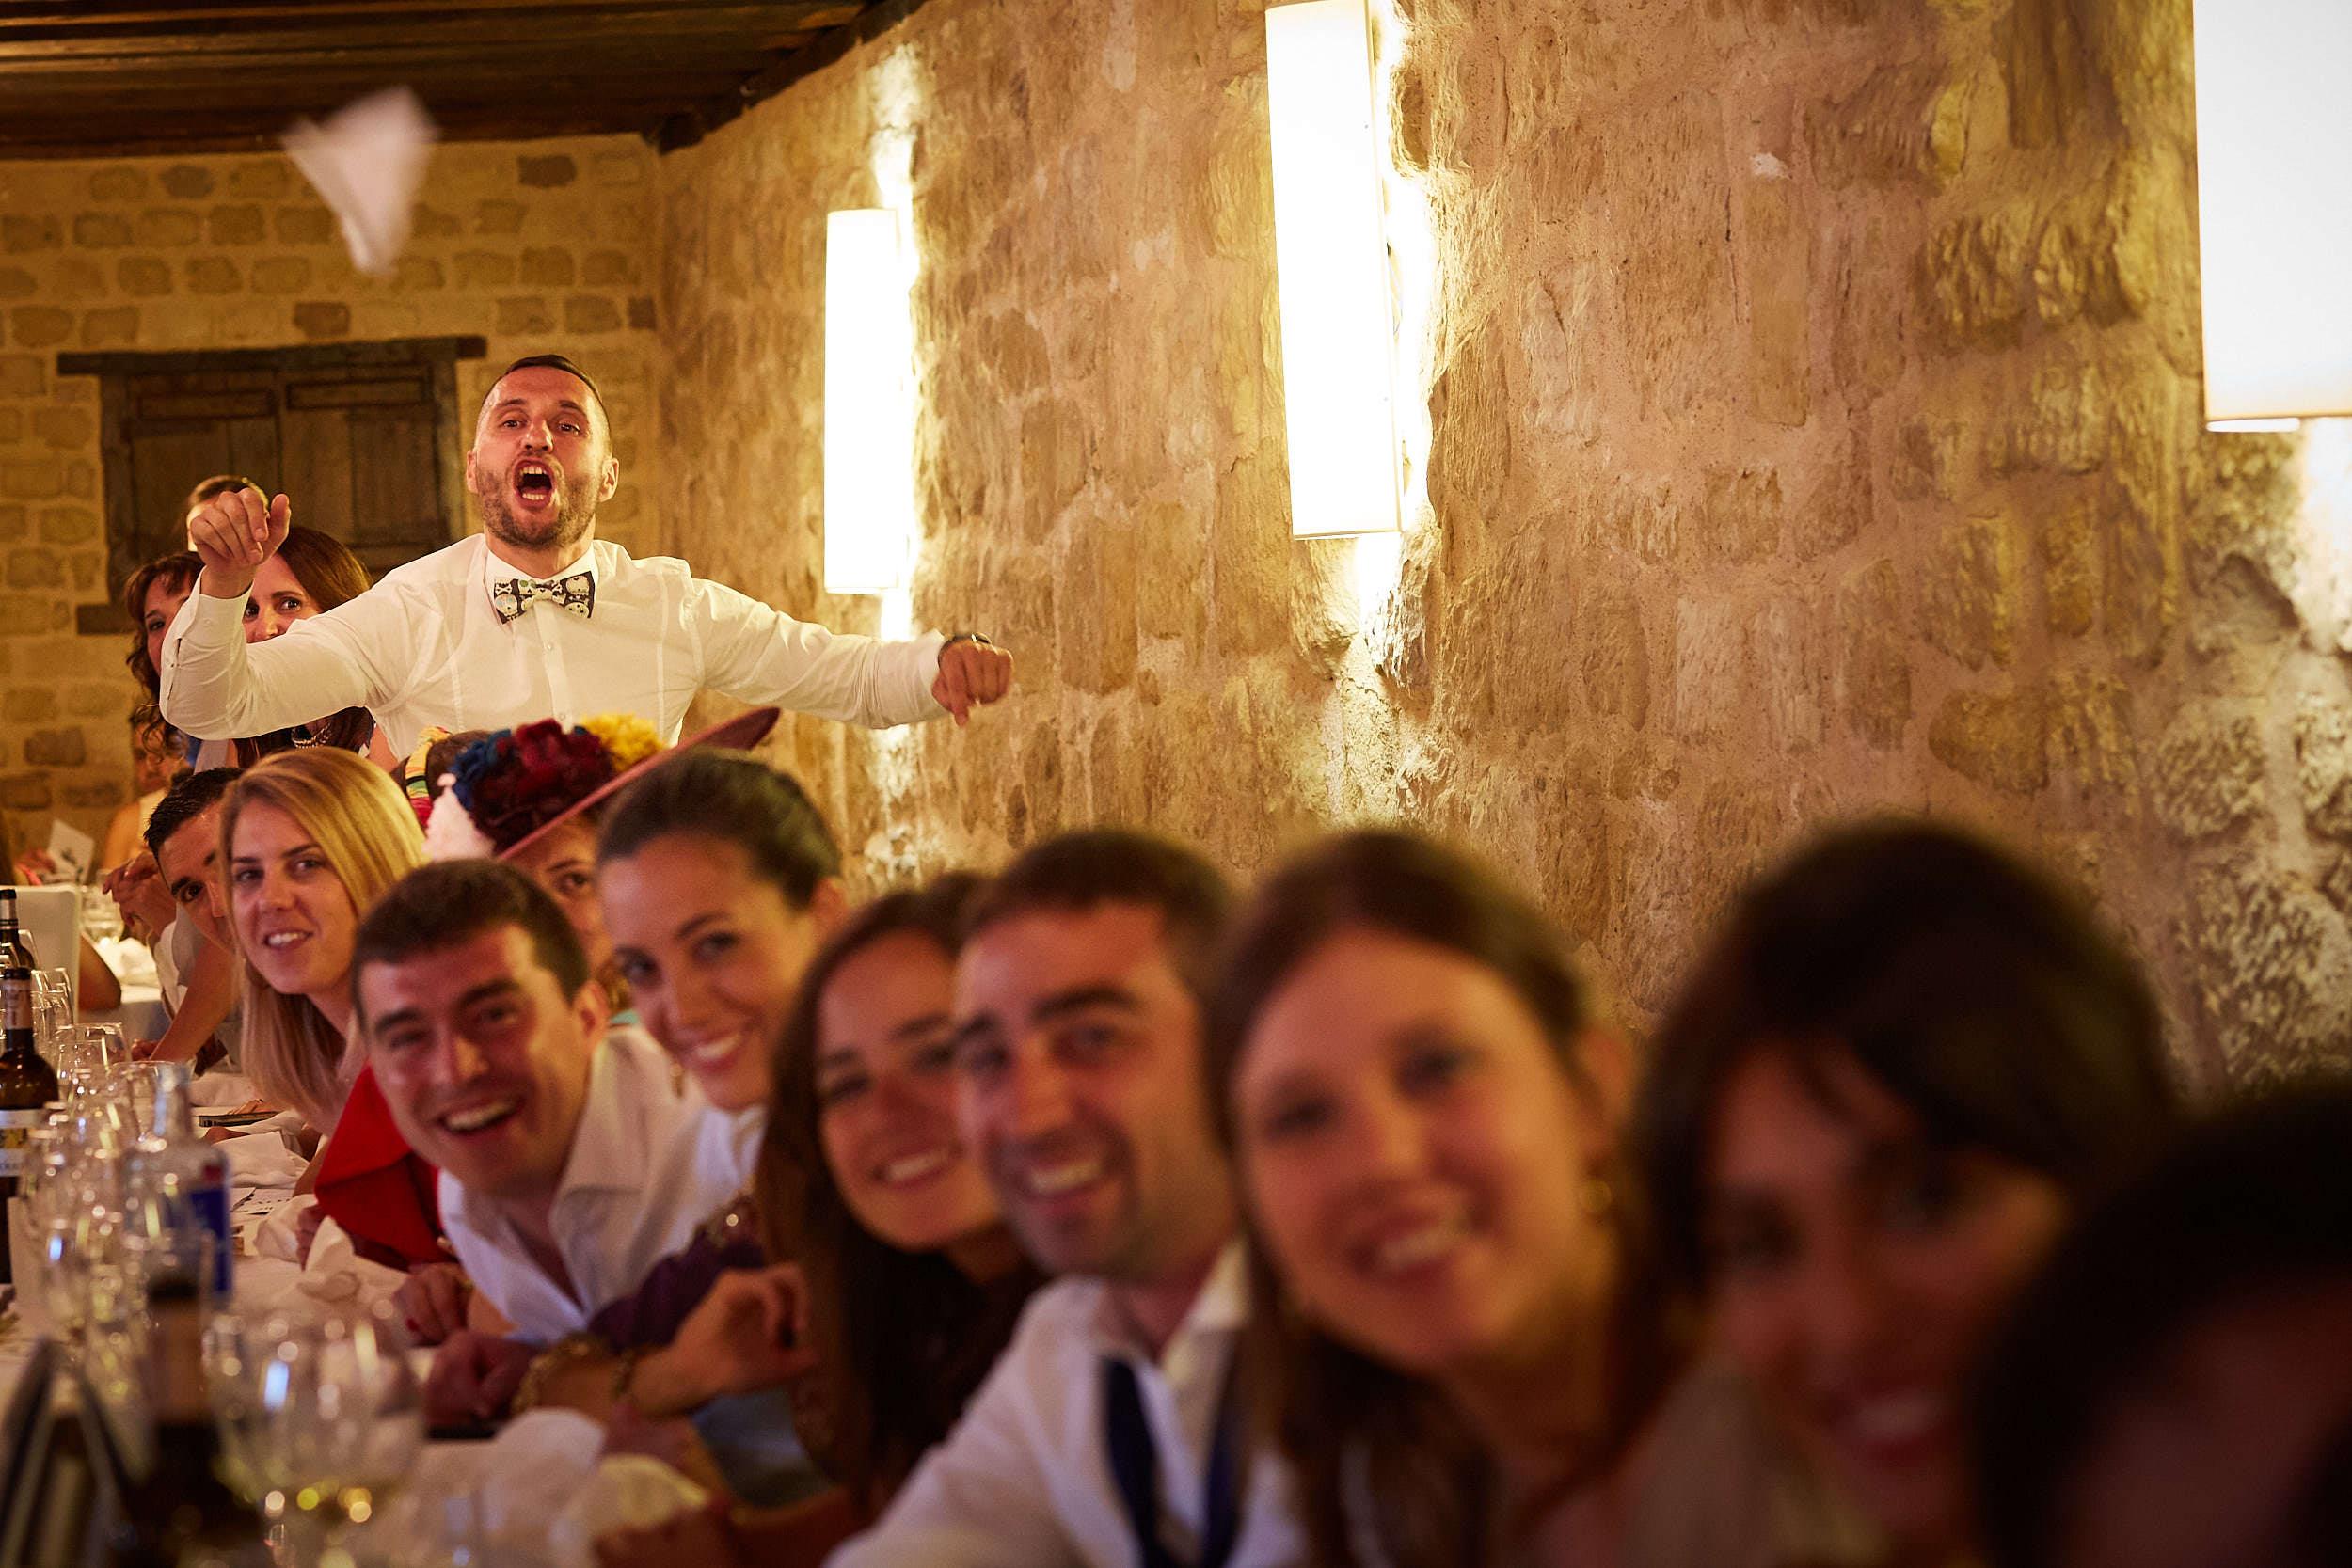 Fotógrafo de boda con estilo documental y fotoperiodismo en La Rioja Palacio Casafuerte Zarraton La Rioja Spain James Sturcke Photographer sturcke.org_00027.jpg